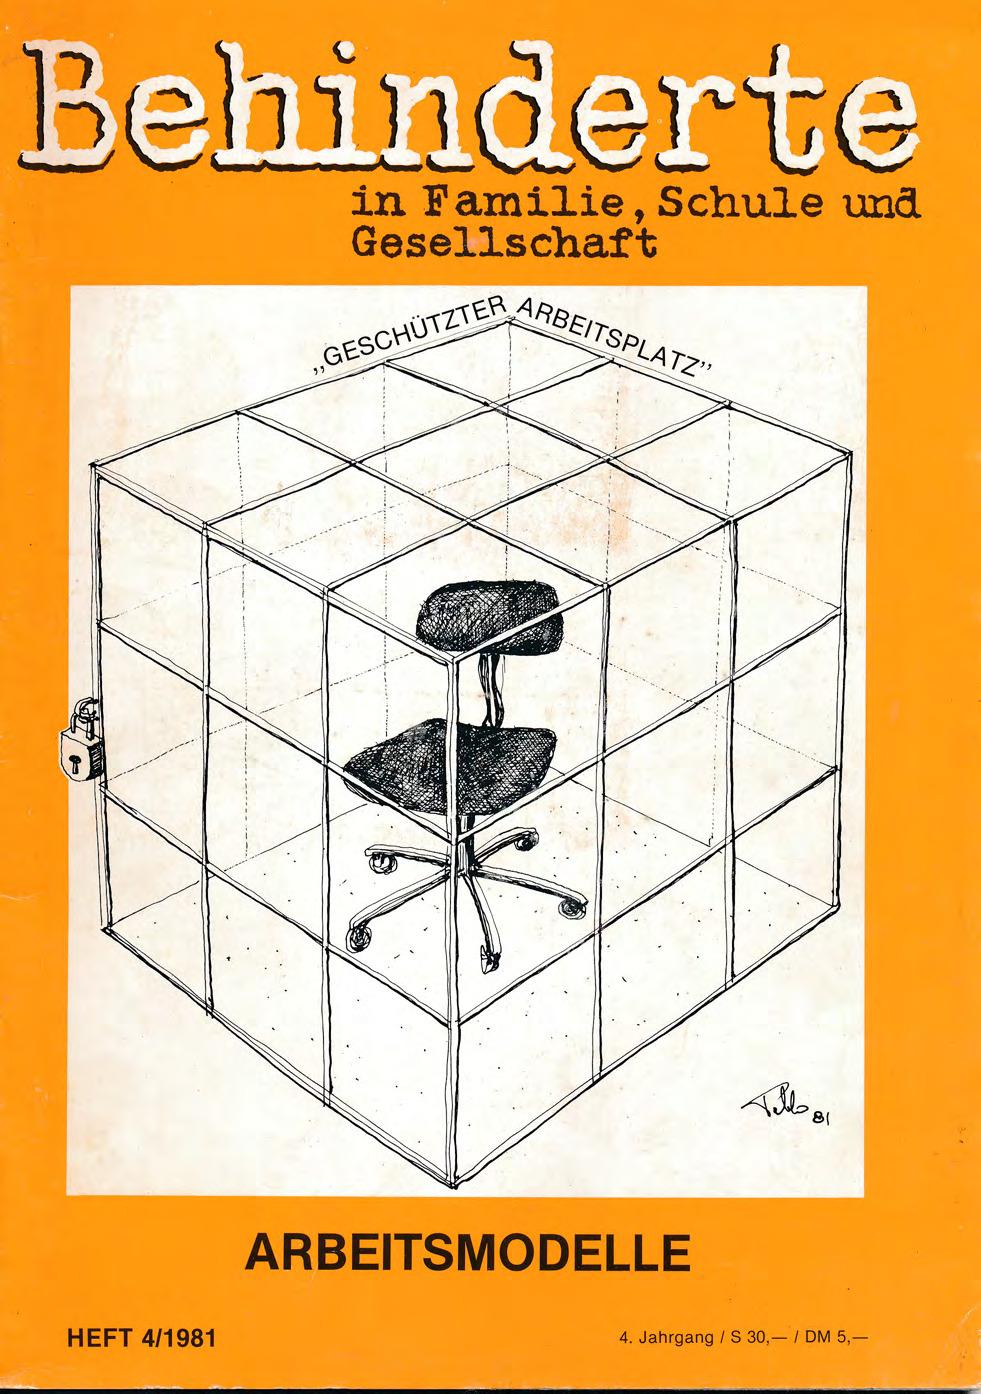 """Titelbild der Zeitschrift BEHINDERTE MENSCHEN, Ausgabe 4/1981 """"Arbeitsmodelle"""""""